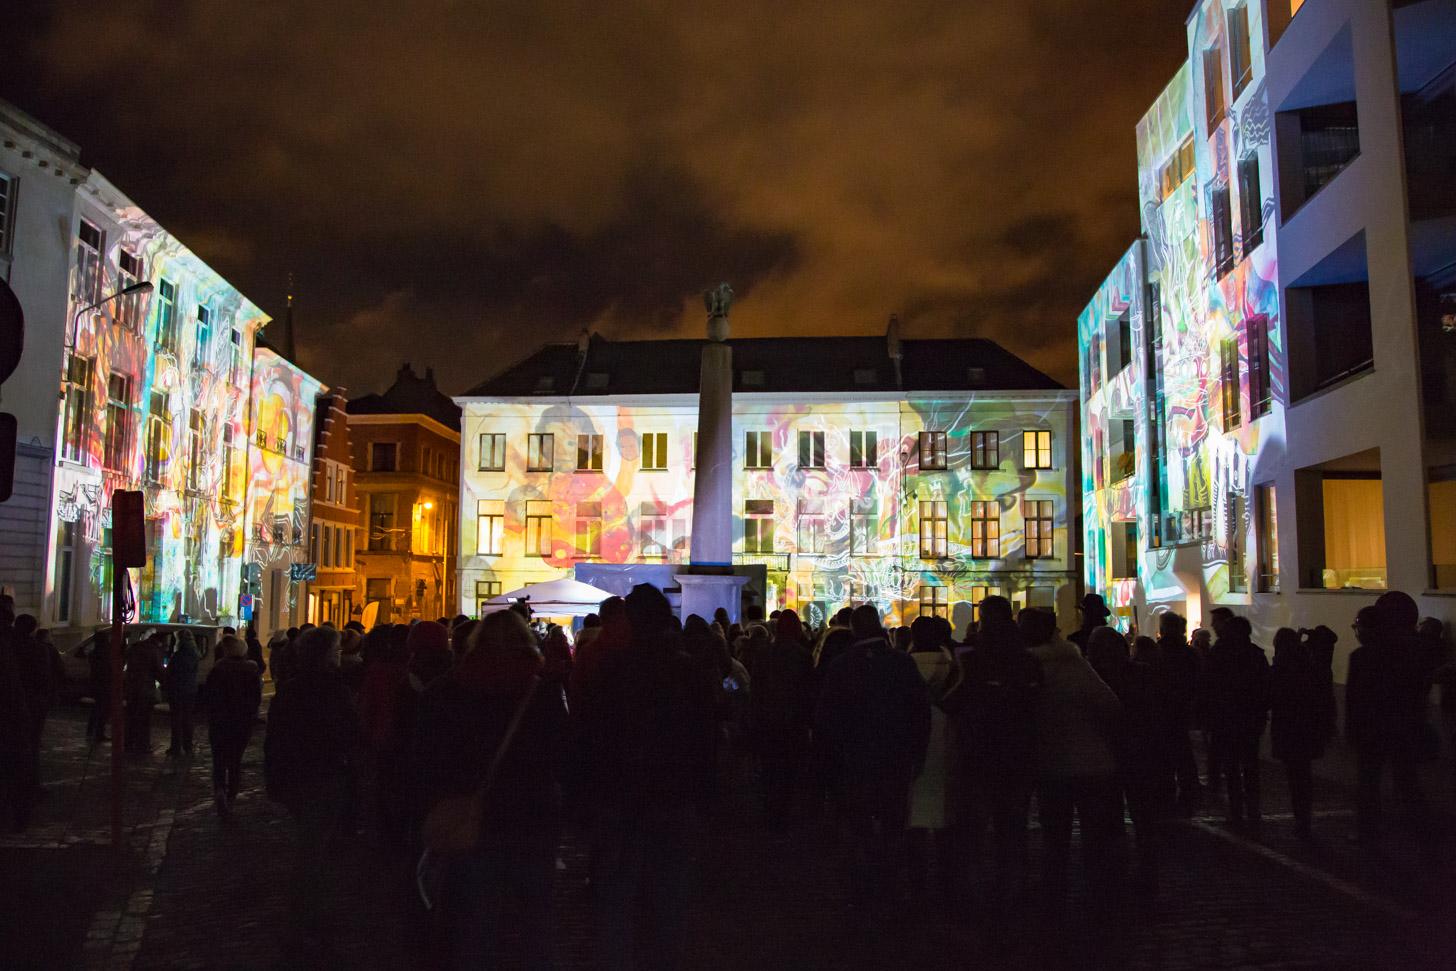 Lichtfestival van Gent